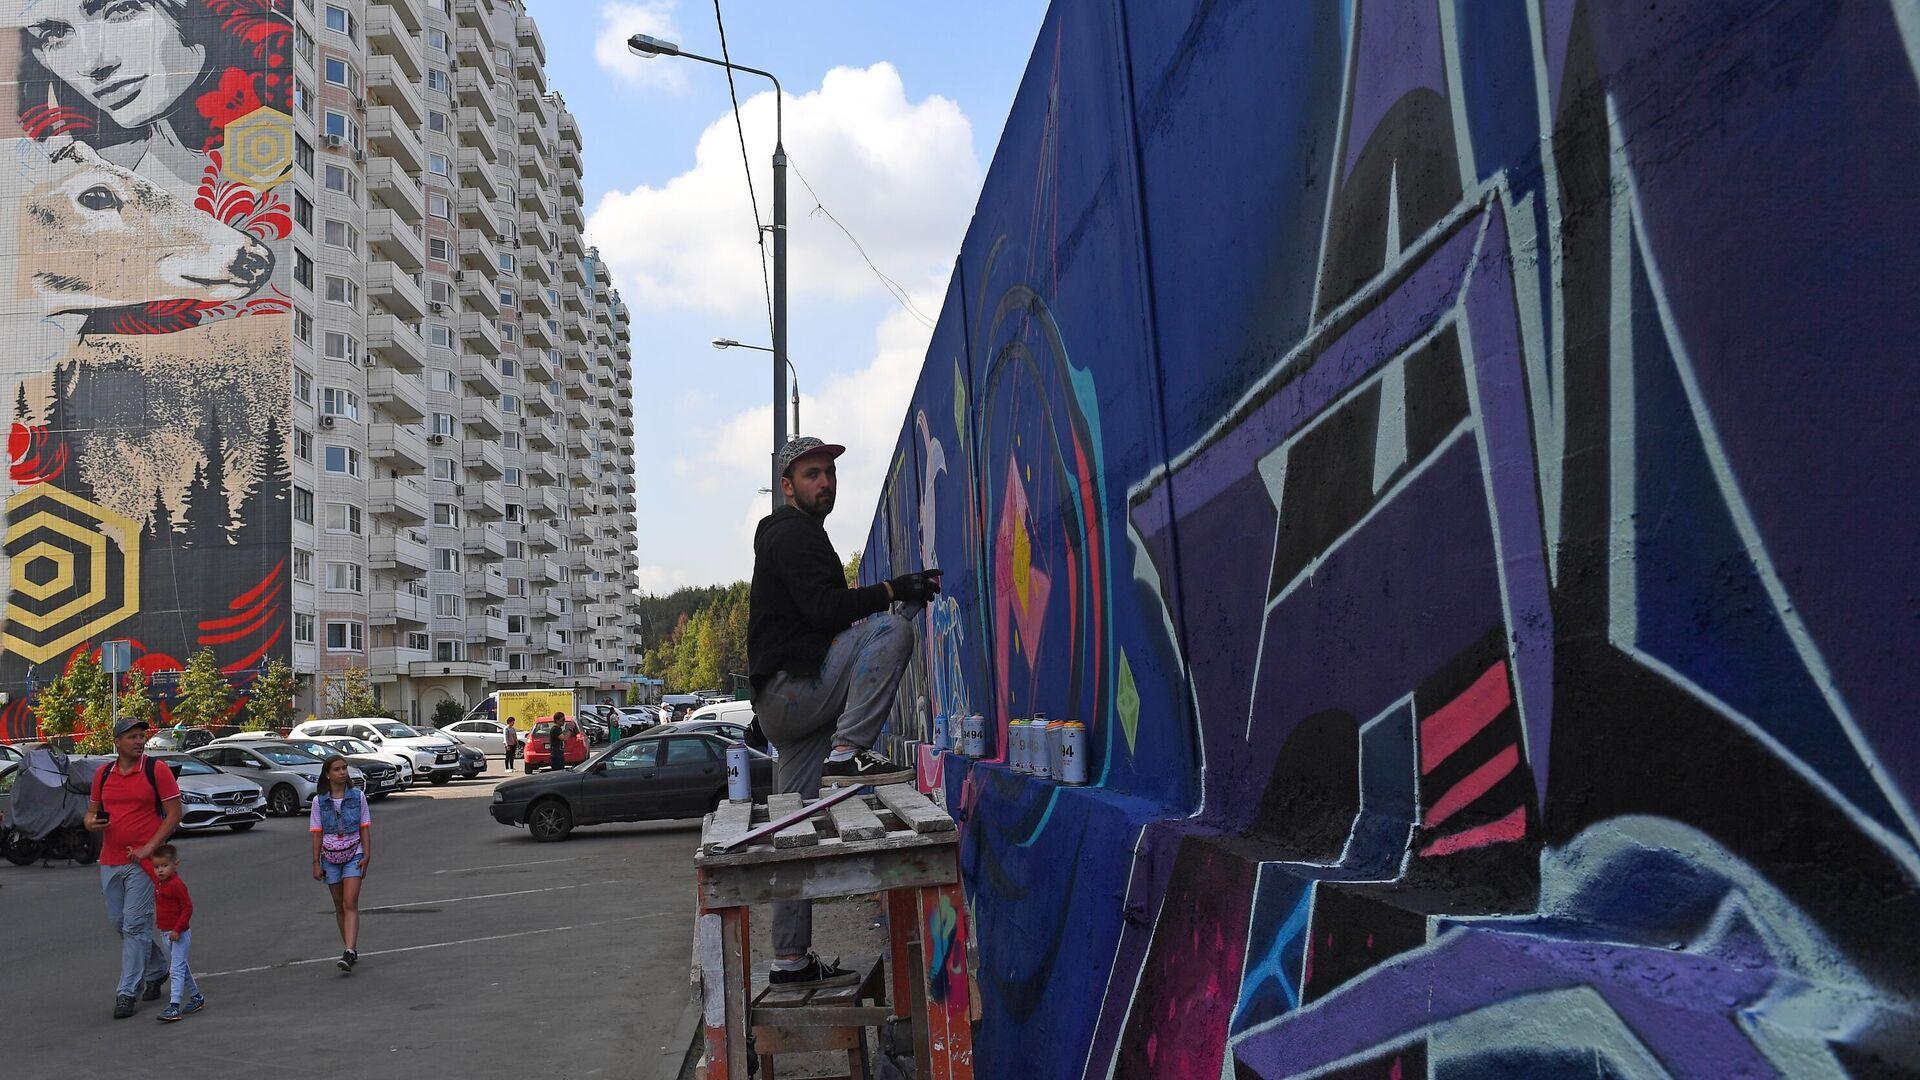 Уличный художник рисует граффити - РИА Новости, 1920, 23.06.2021